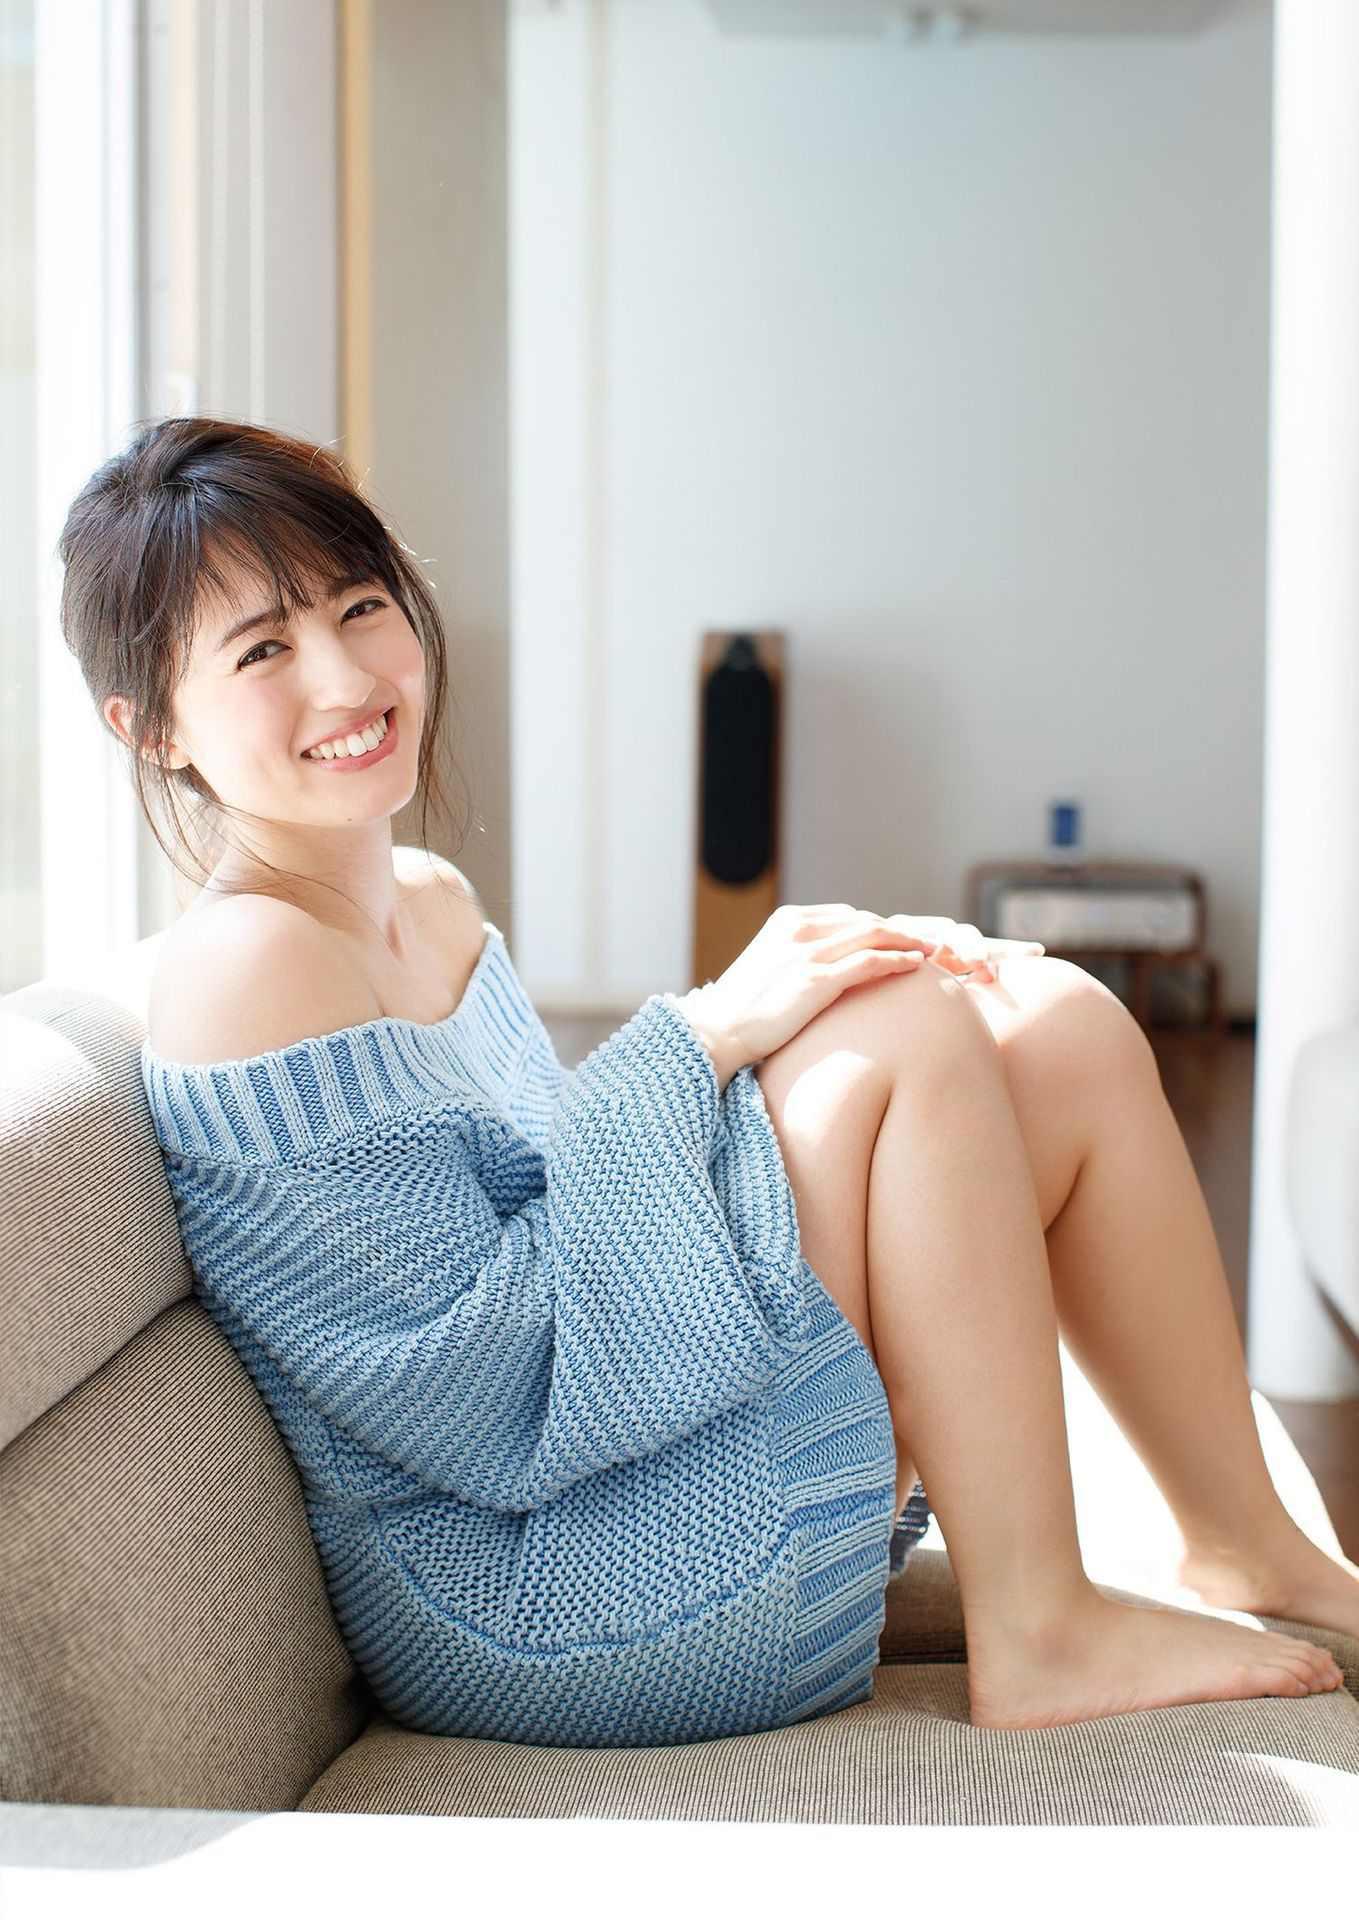 Voice actor Rikako Oita014